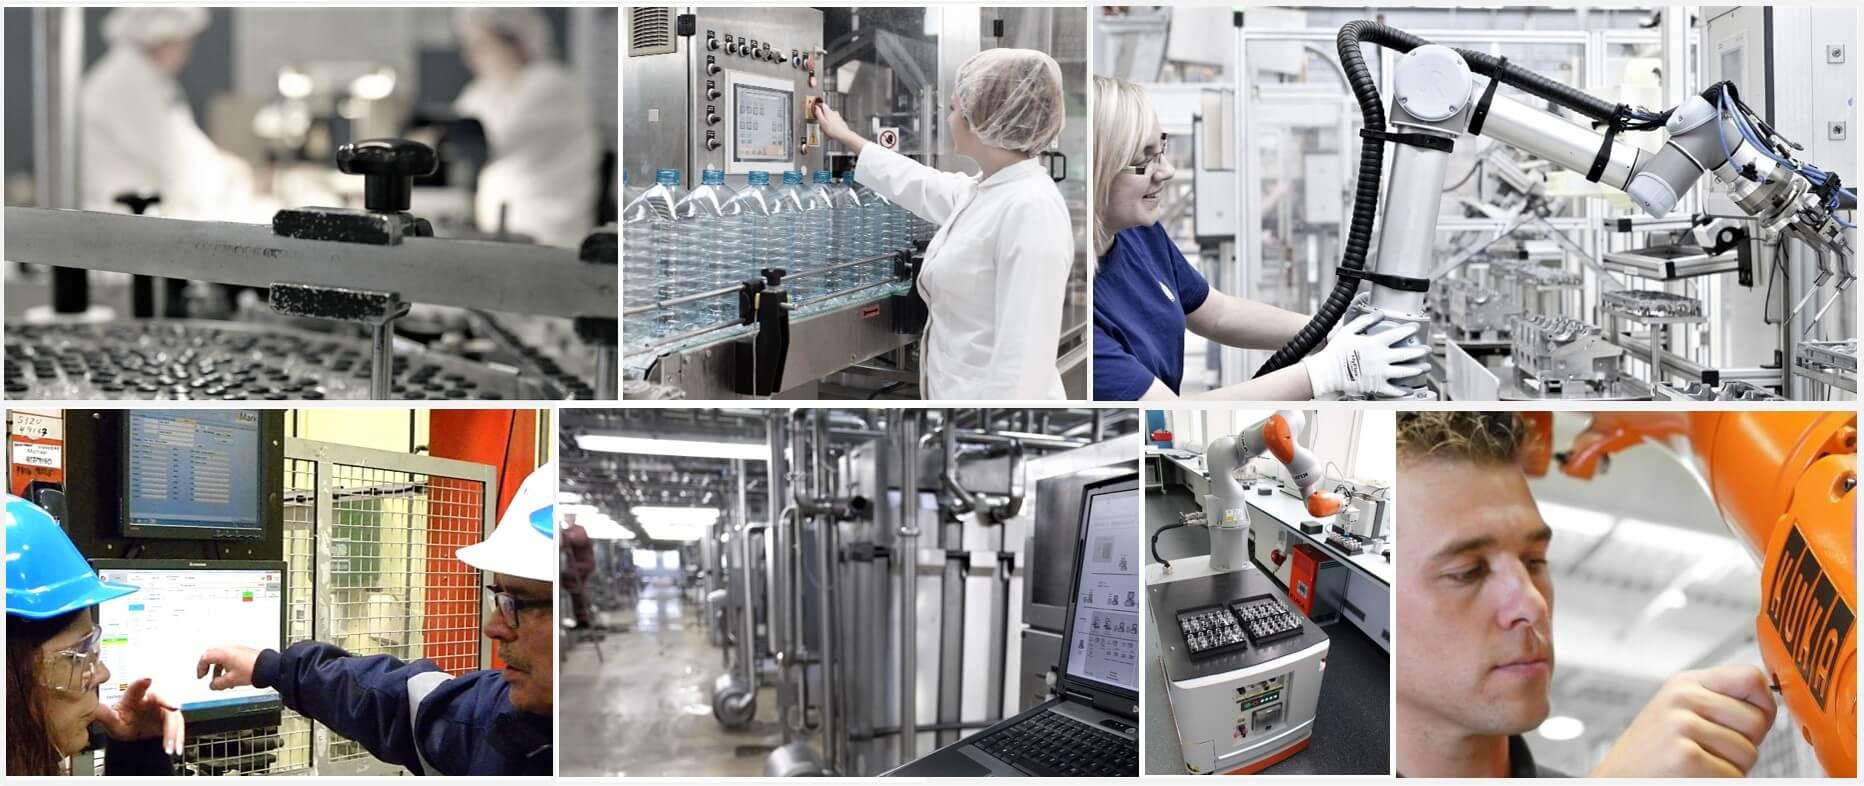 i2r forside industrier og robotter